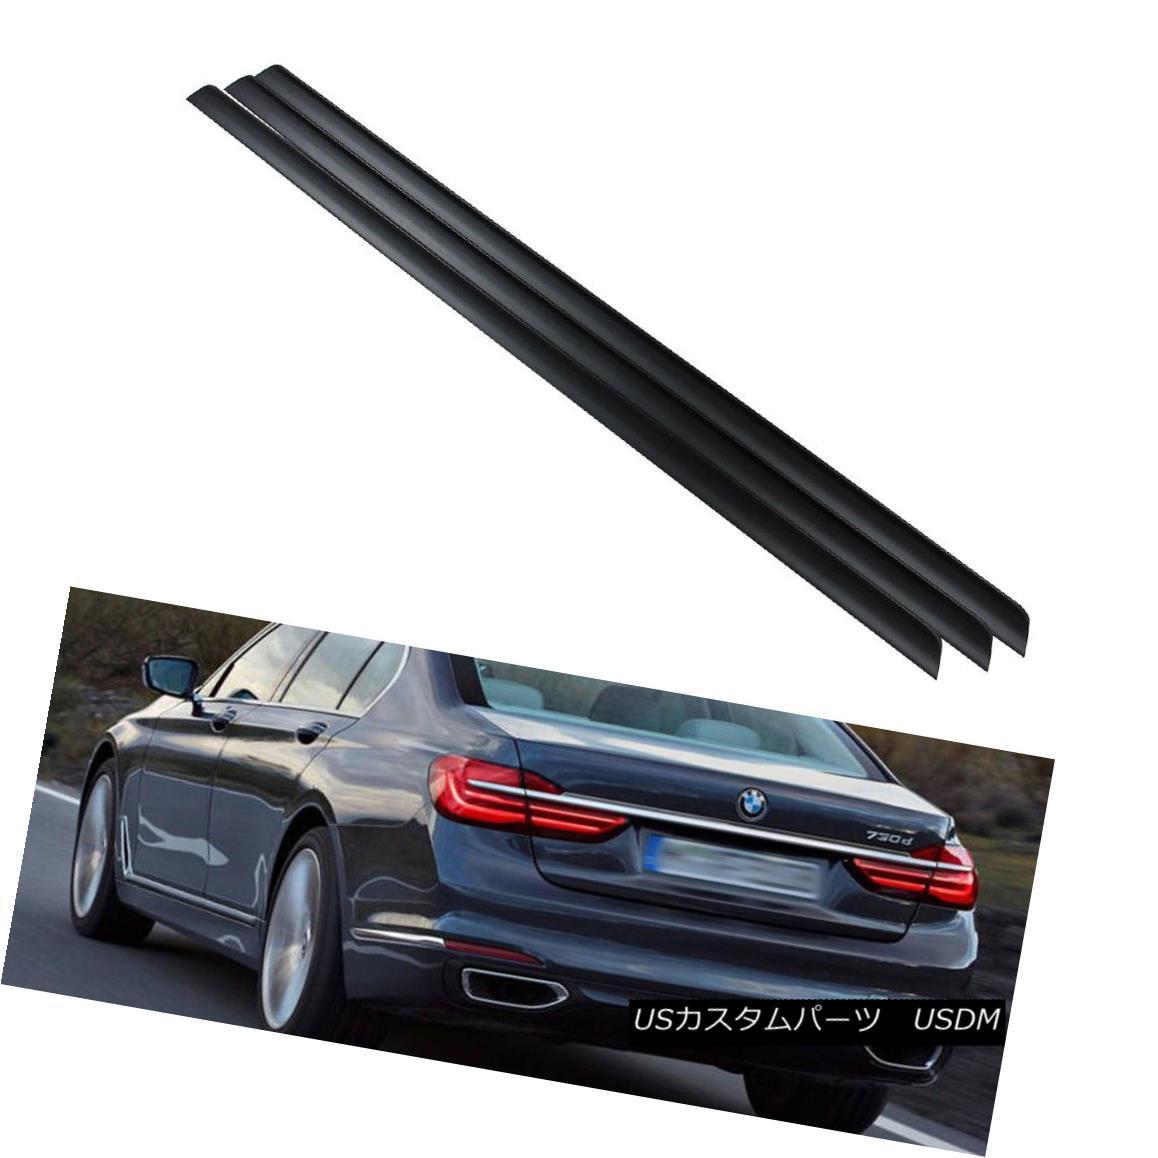 エアロパーツ Unpainted BMW 7 Series G11 G12 Sedan Rear Trunk Lip Spoiler Wing 18 NEW 未塗装のBMW 7シリーズG11 G12セダンリアトランクリップスポイラーウィング18 NEW